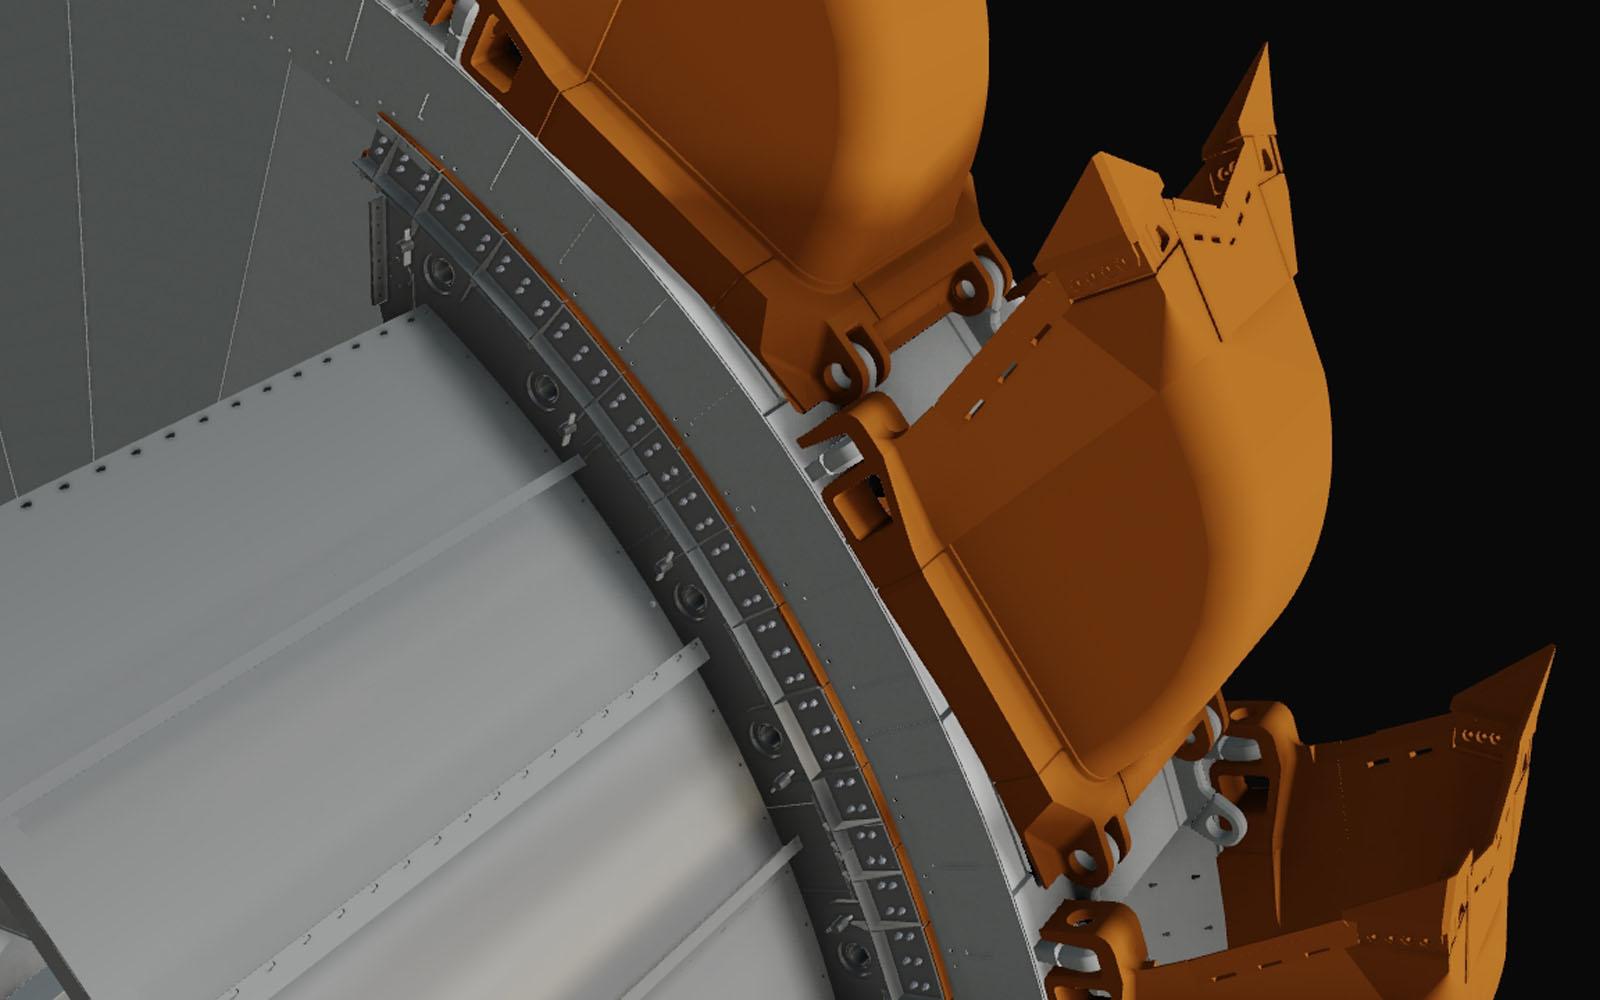 Conap CAD Konstruktionsbüro - CAD Modell einer Ringschurre